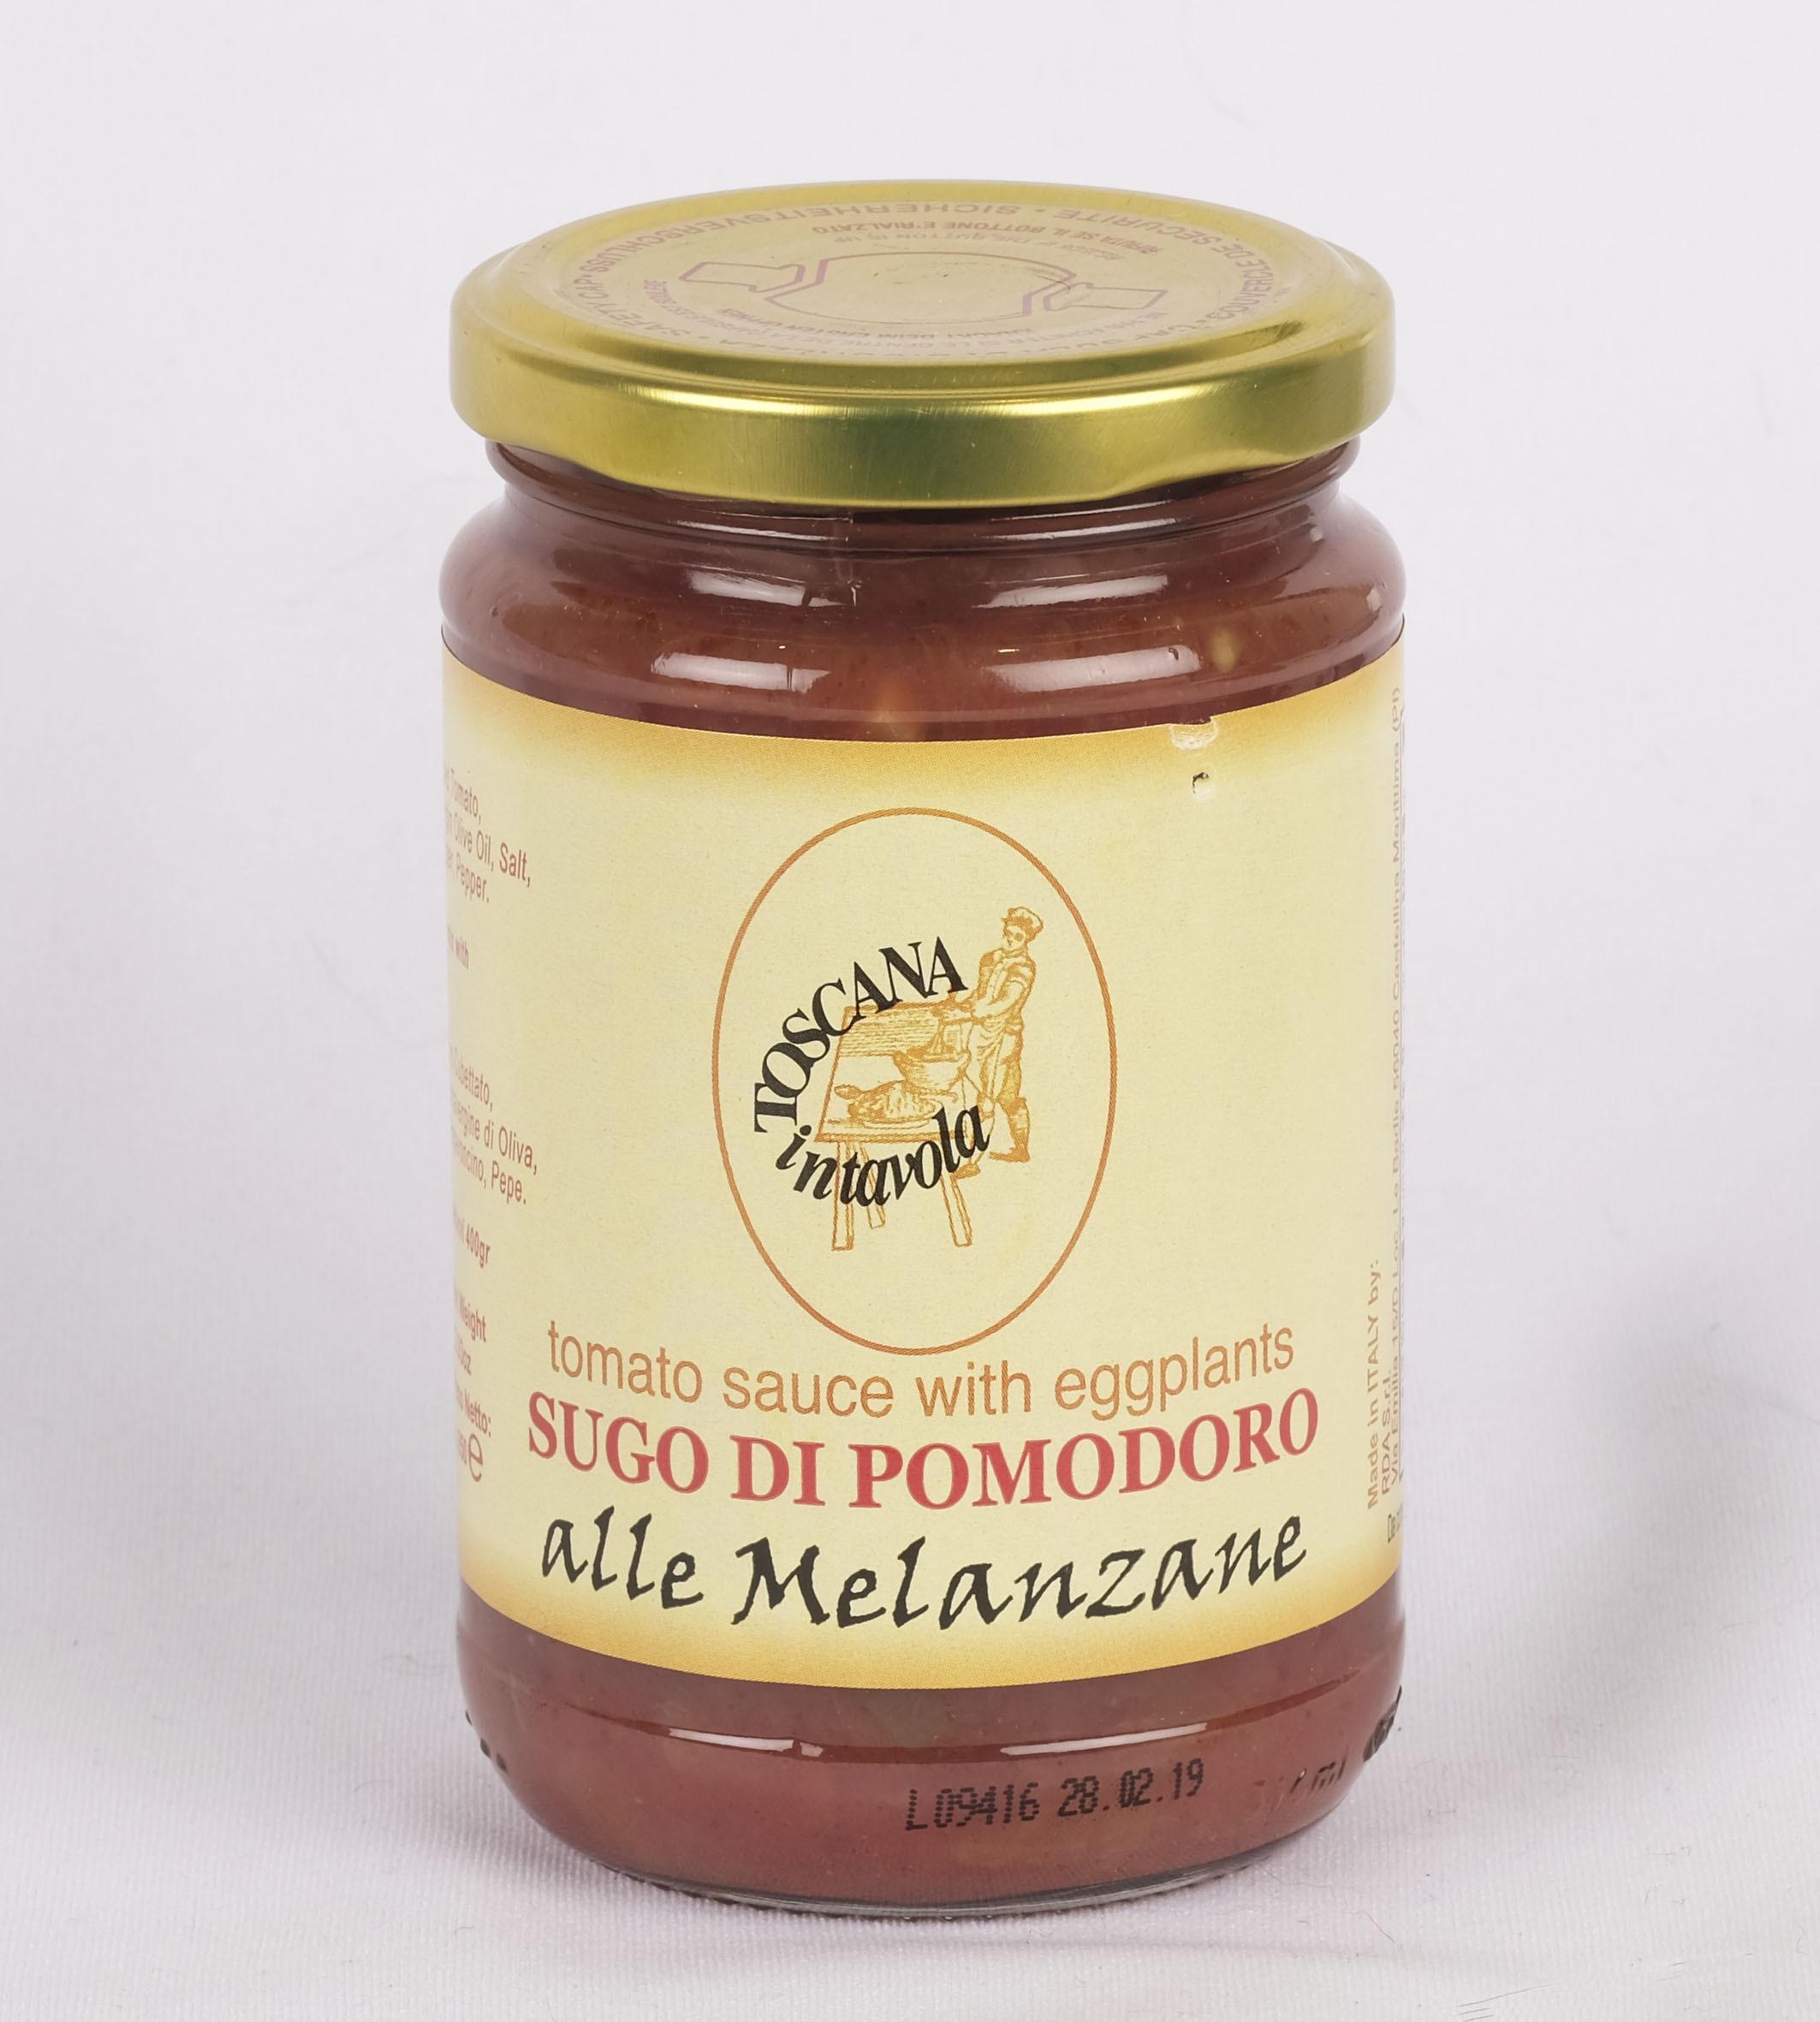 トスカーナインターボラ パスタソース ナスのトマトソース